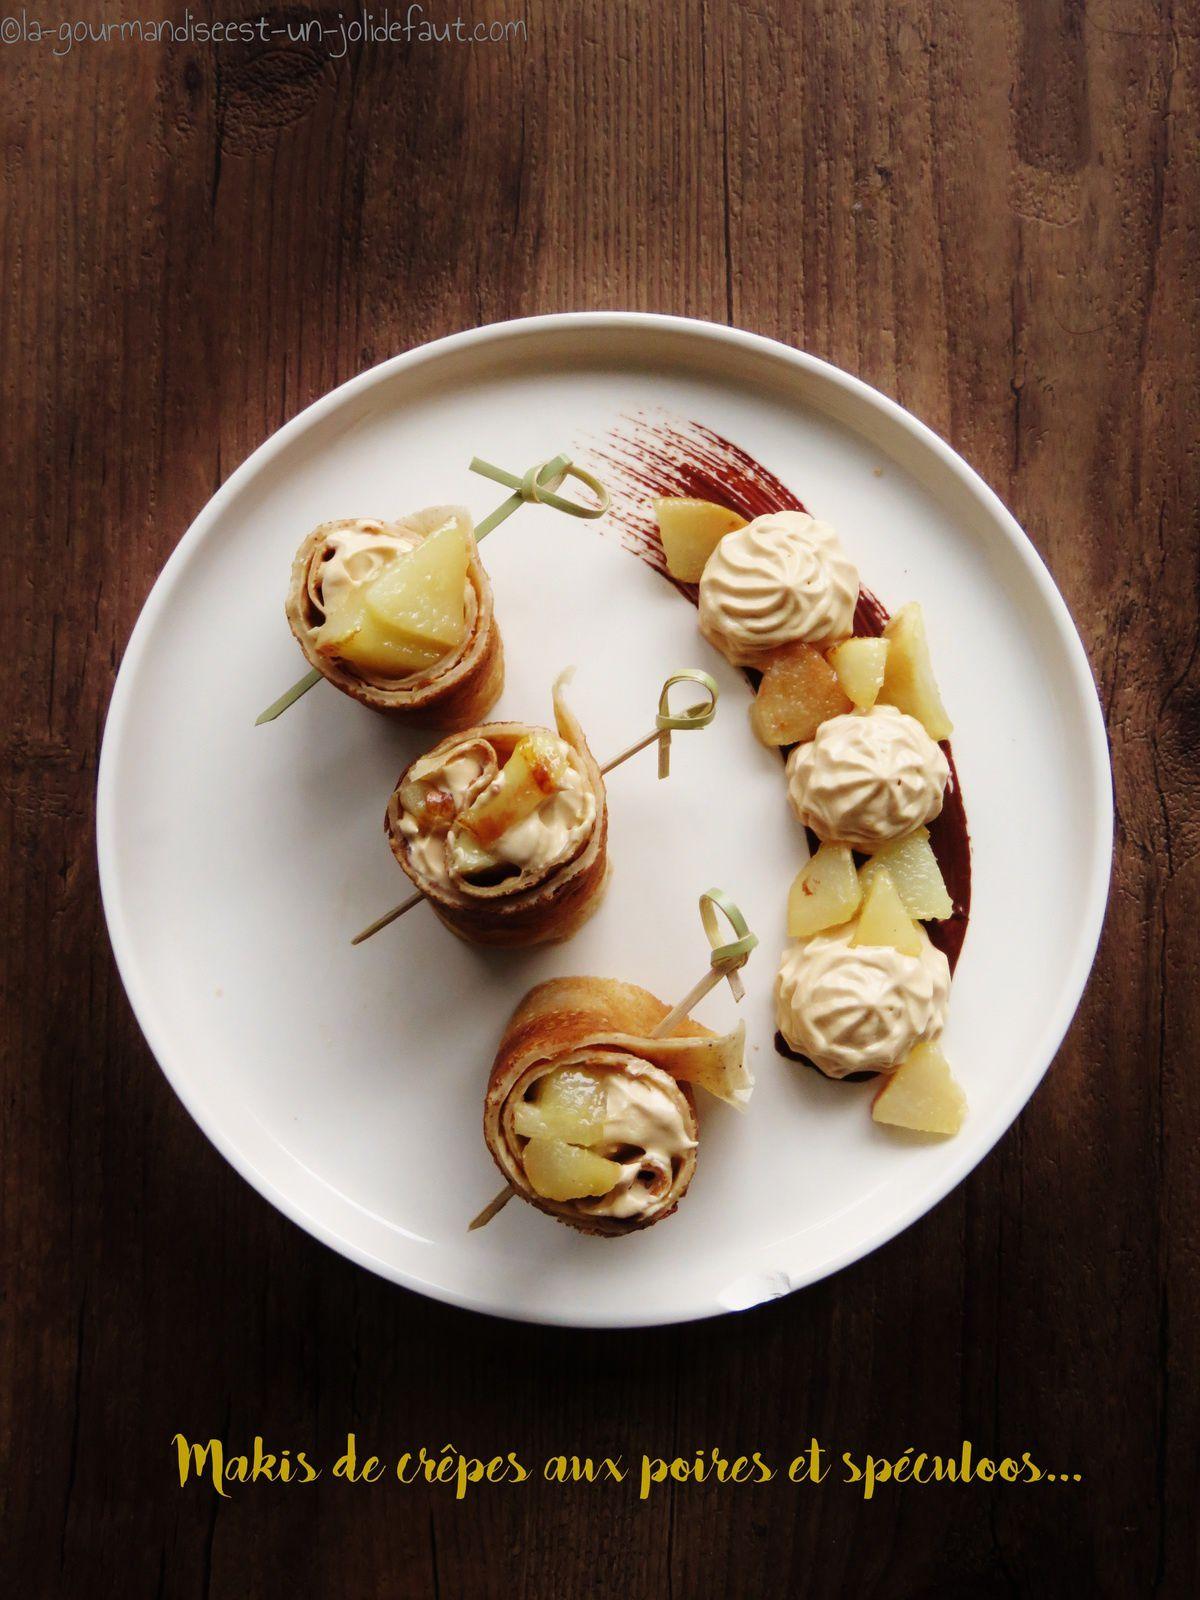 Maki de crêpes poire caramélisées et chantilly spéculoos